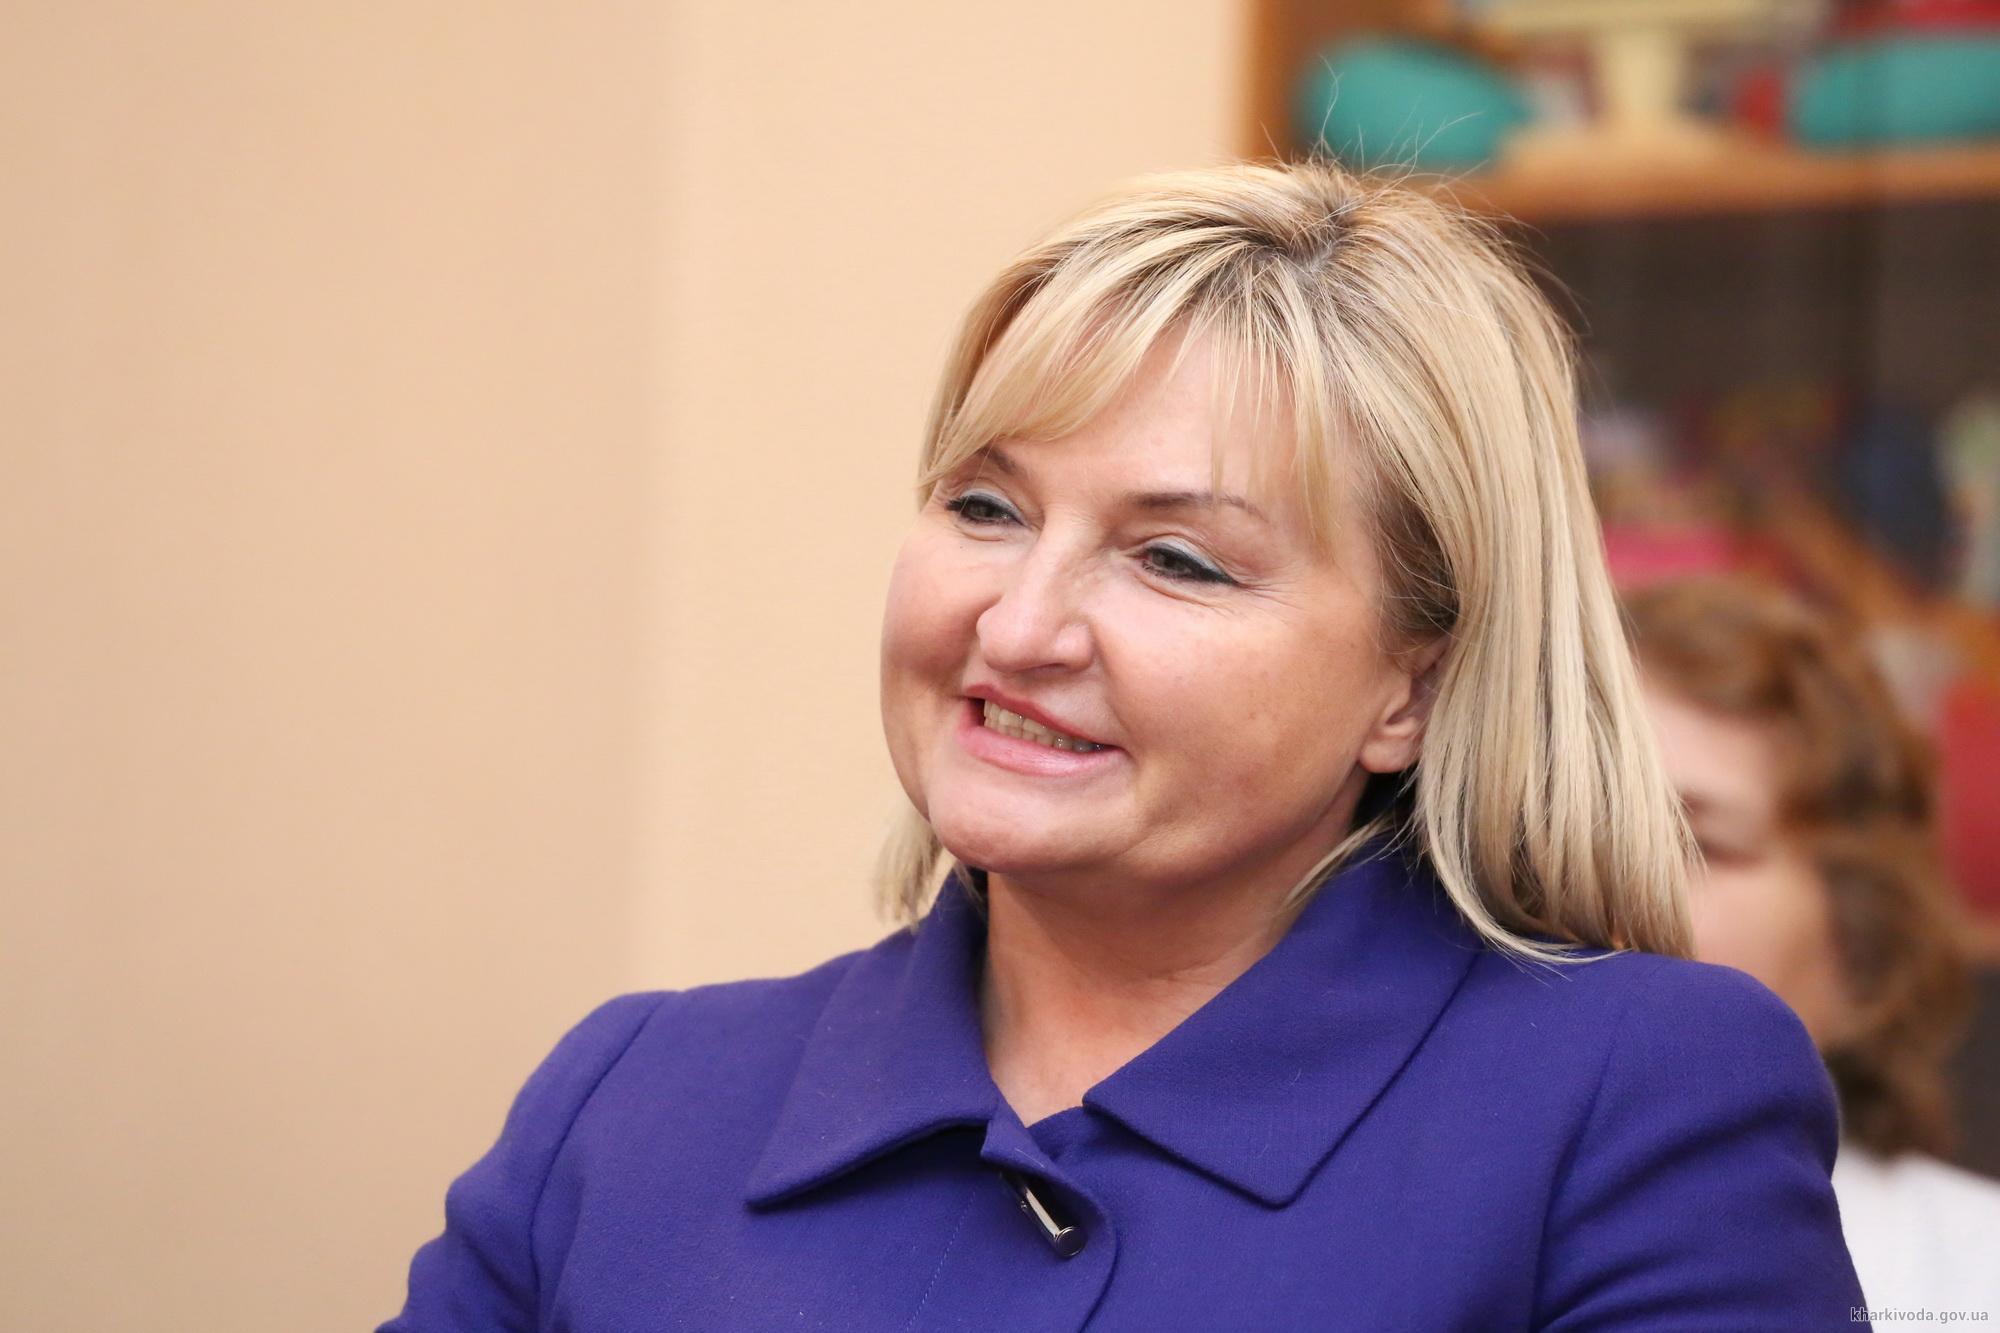 ЖЕСТЬ! Жена Луценко снова опозорилась на всю страну: опубликовано видео